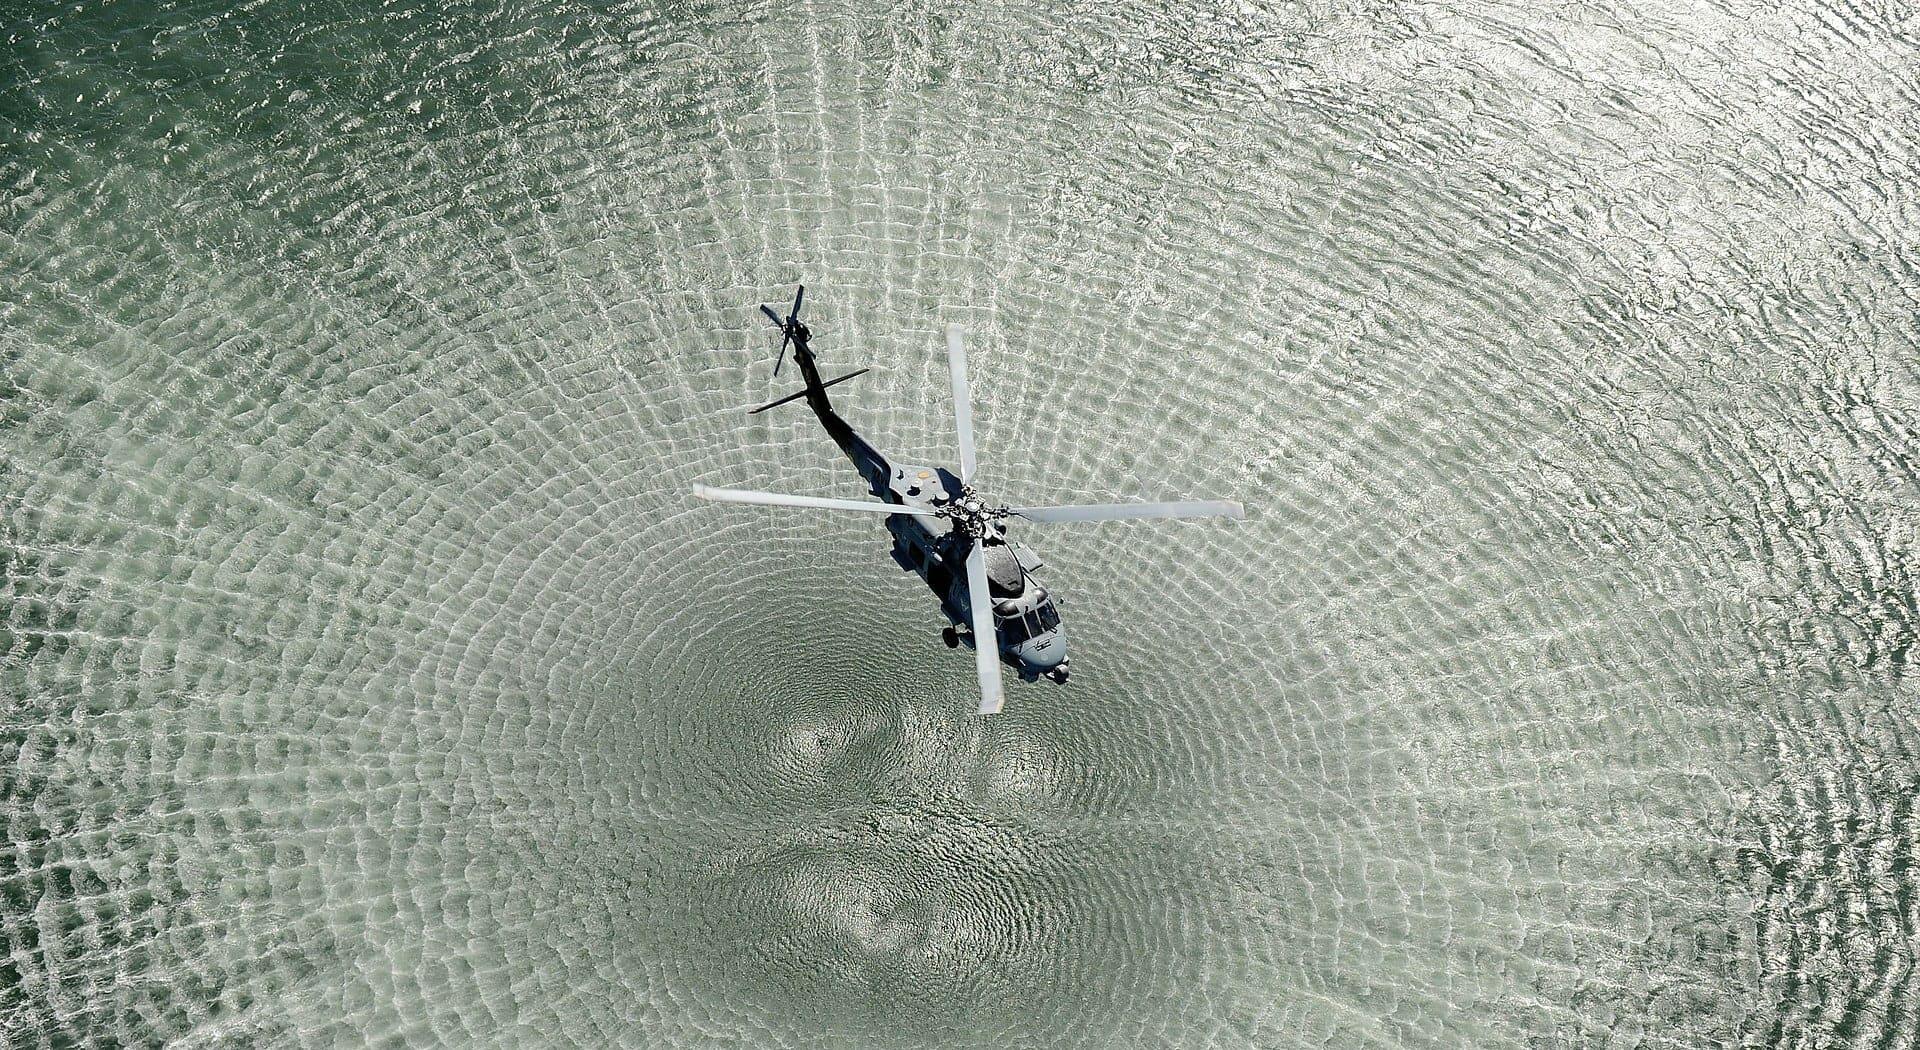 Helikopterulykker kan gi betydelige erstatningskrav. Du bør forhøre deg med erfarne advokater om hvilke rettigheter du har.